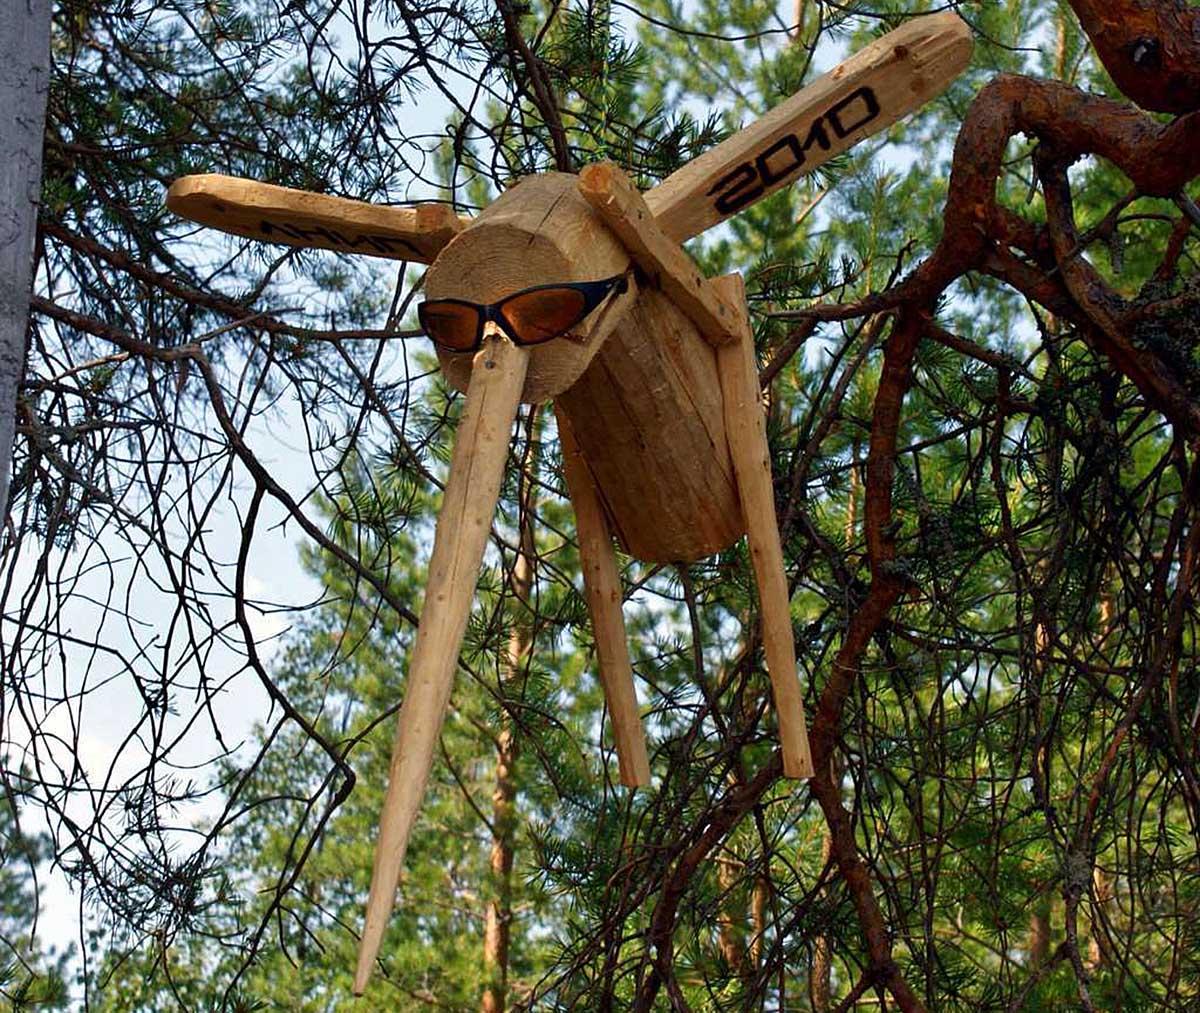 экспонат музея поделок на острове Добрых Духов в Карелии